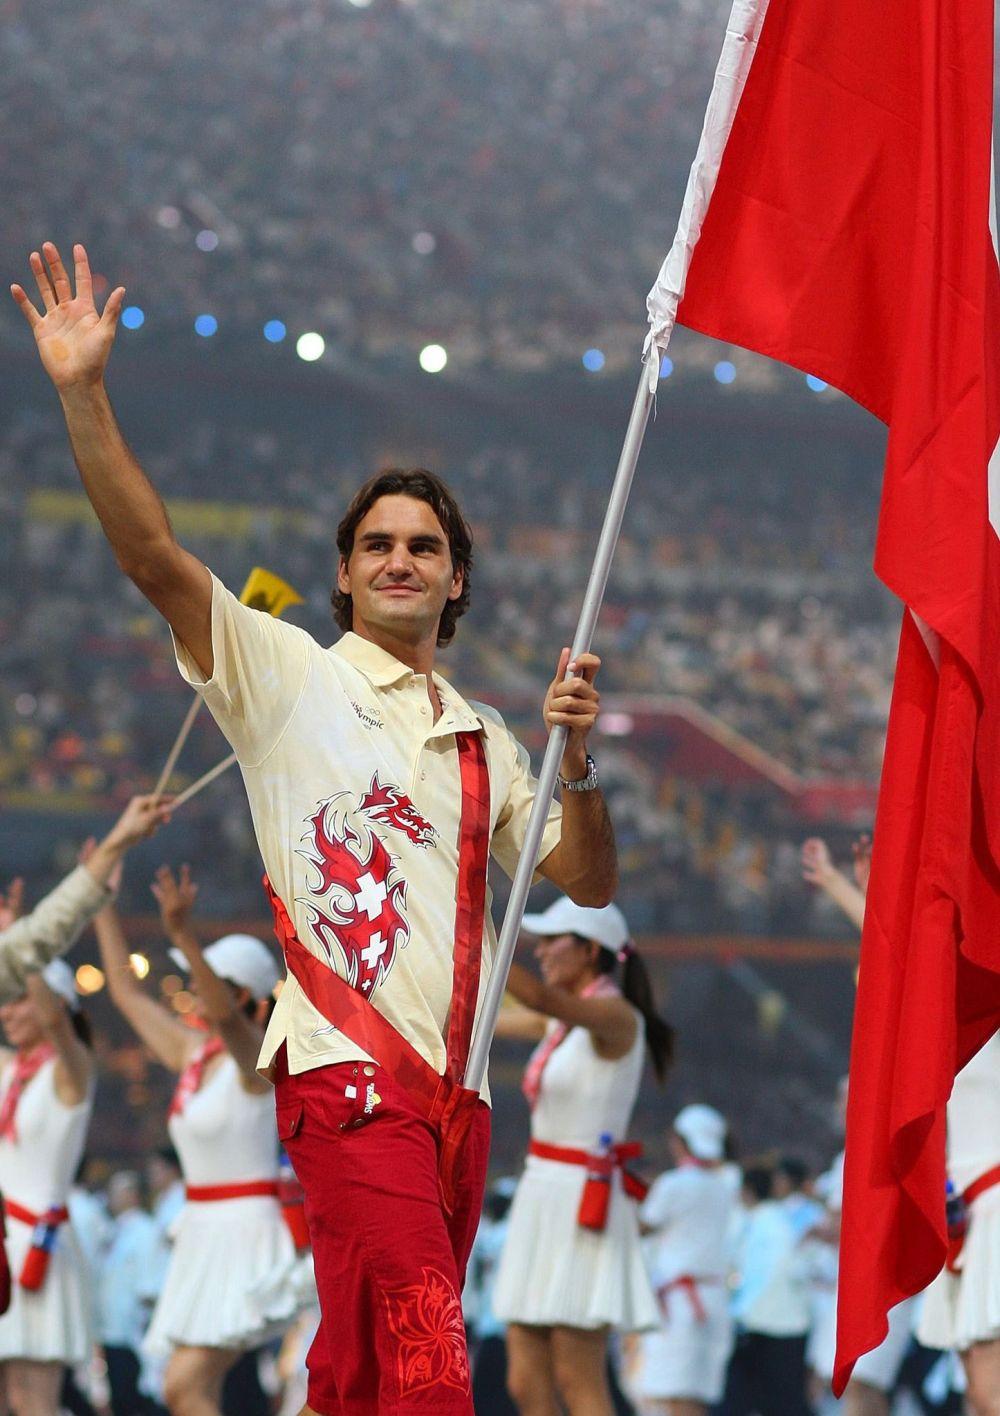 Roger Federer s-a retras de la Jocurile Olimpice! Motivul pentru care a luat aceasta decizie si cand va vrea sa revina in circuitul ATP